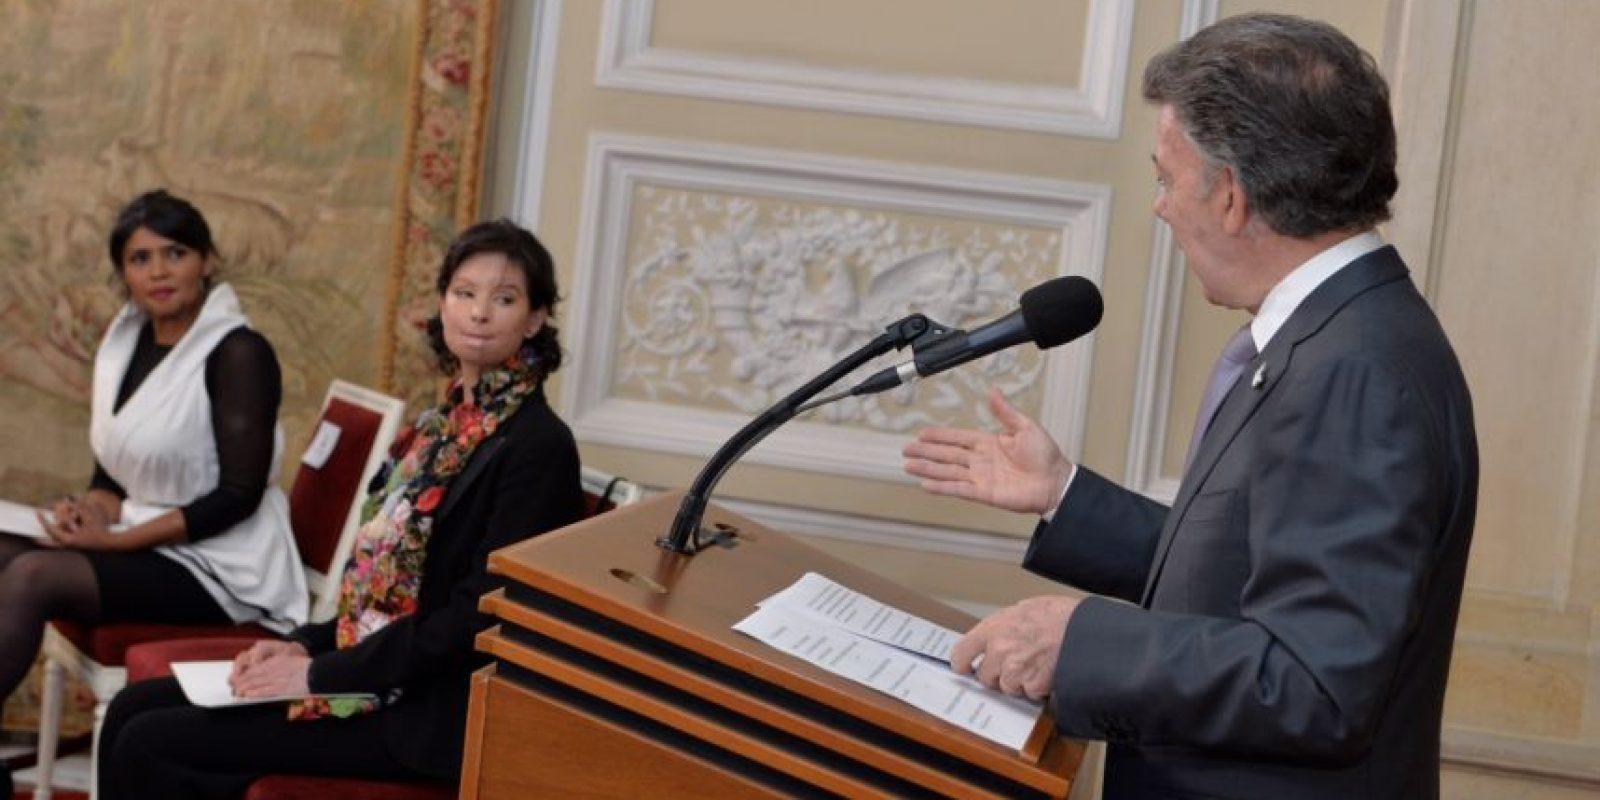 Con la presencia de varias víctimas, entre ellas Natalia Ponce de León, el presidente Juan Manuel Santos sancionó la Ley deácidos. Foto:Presidencia